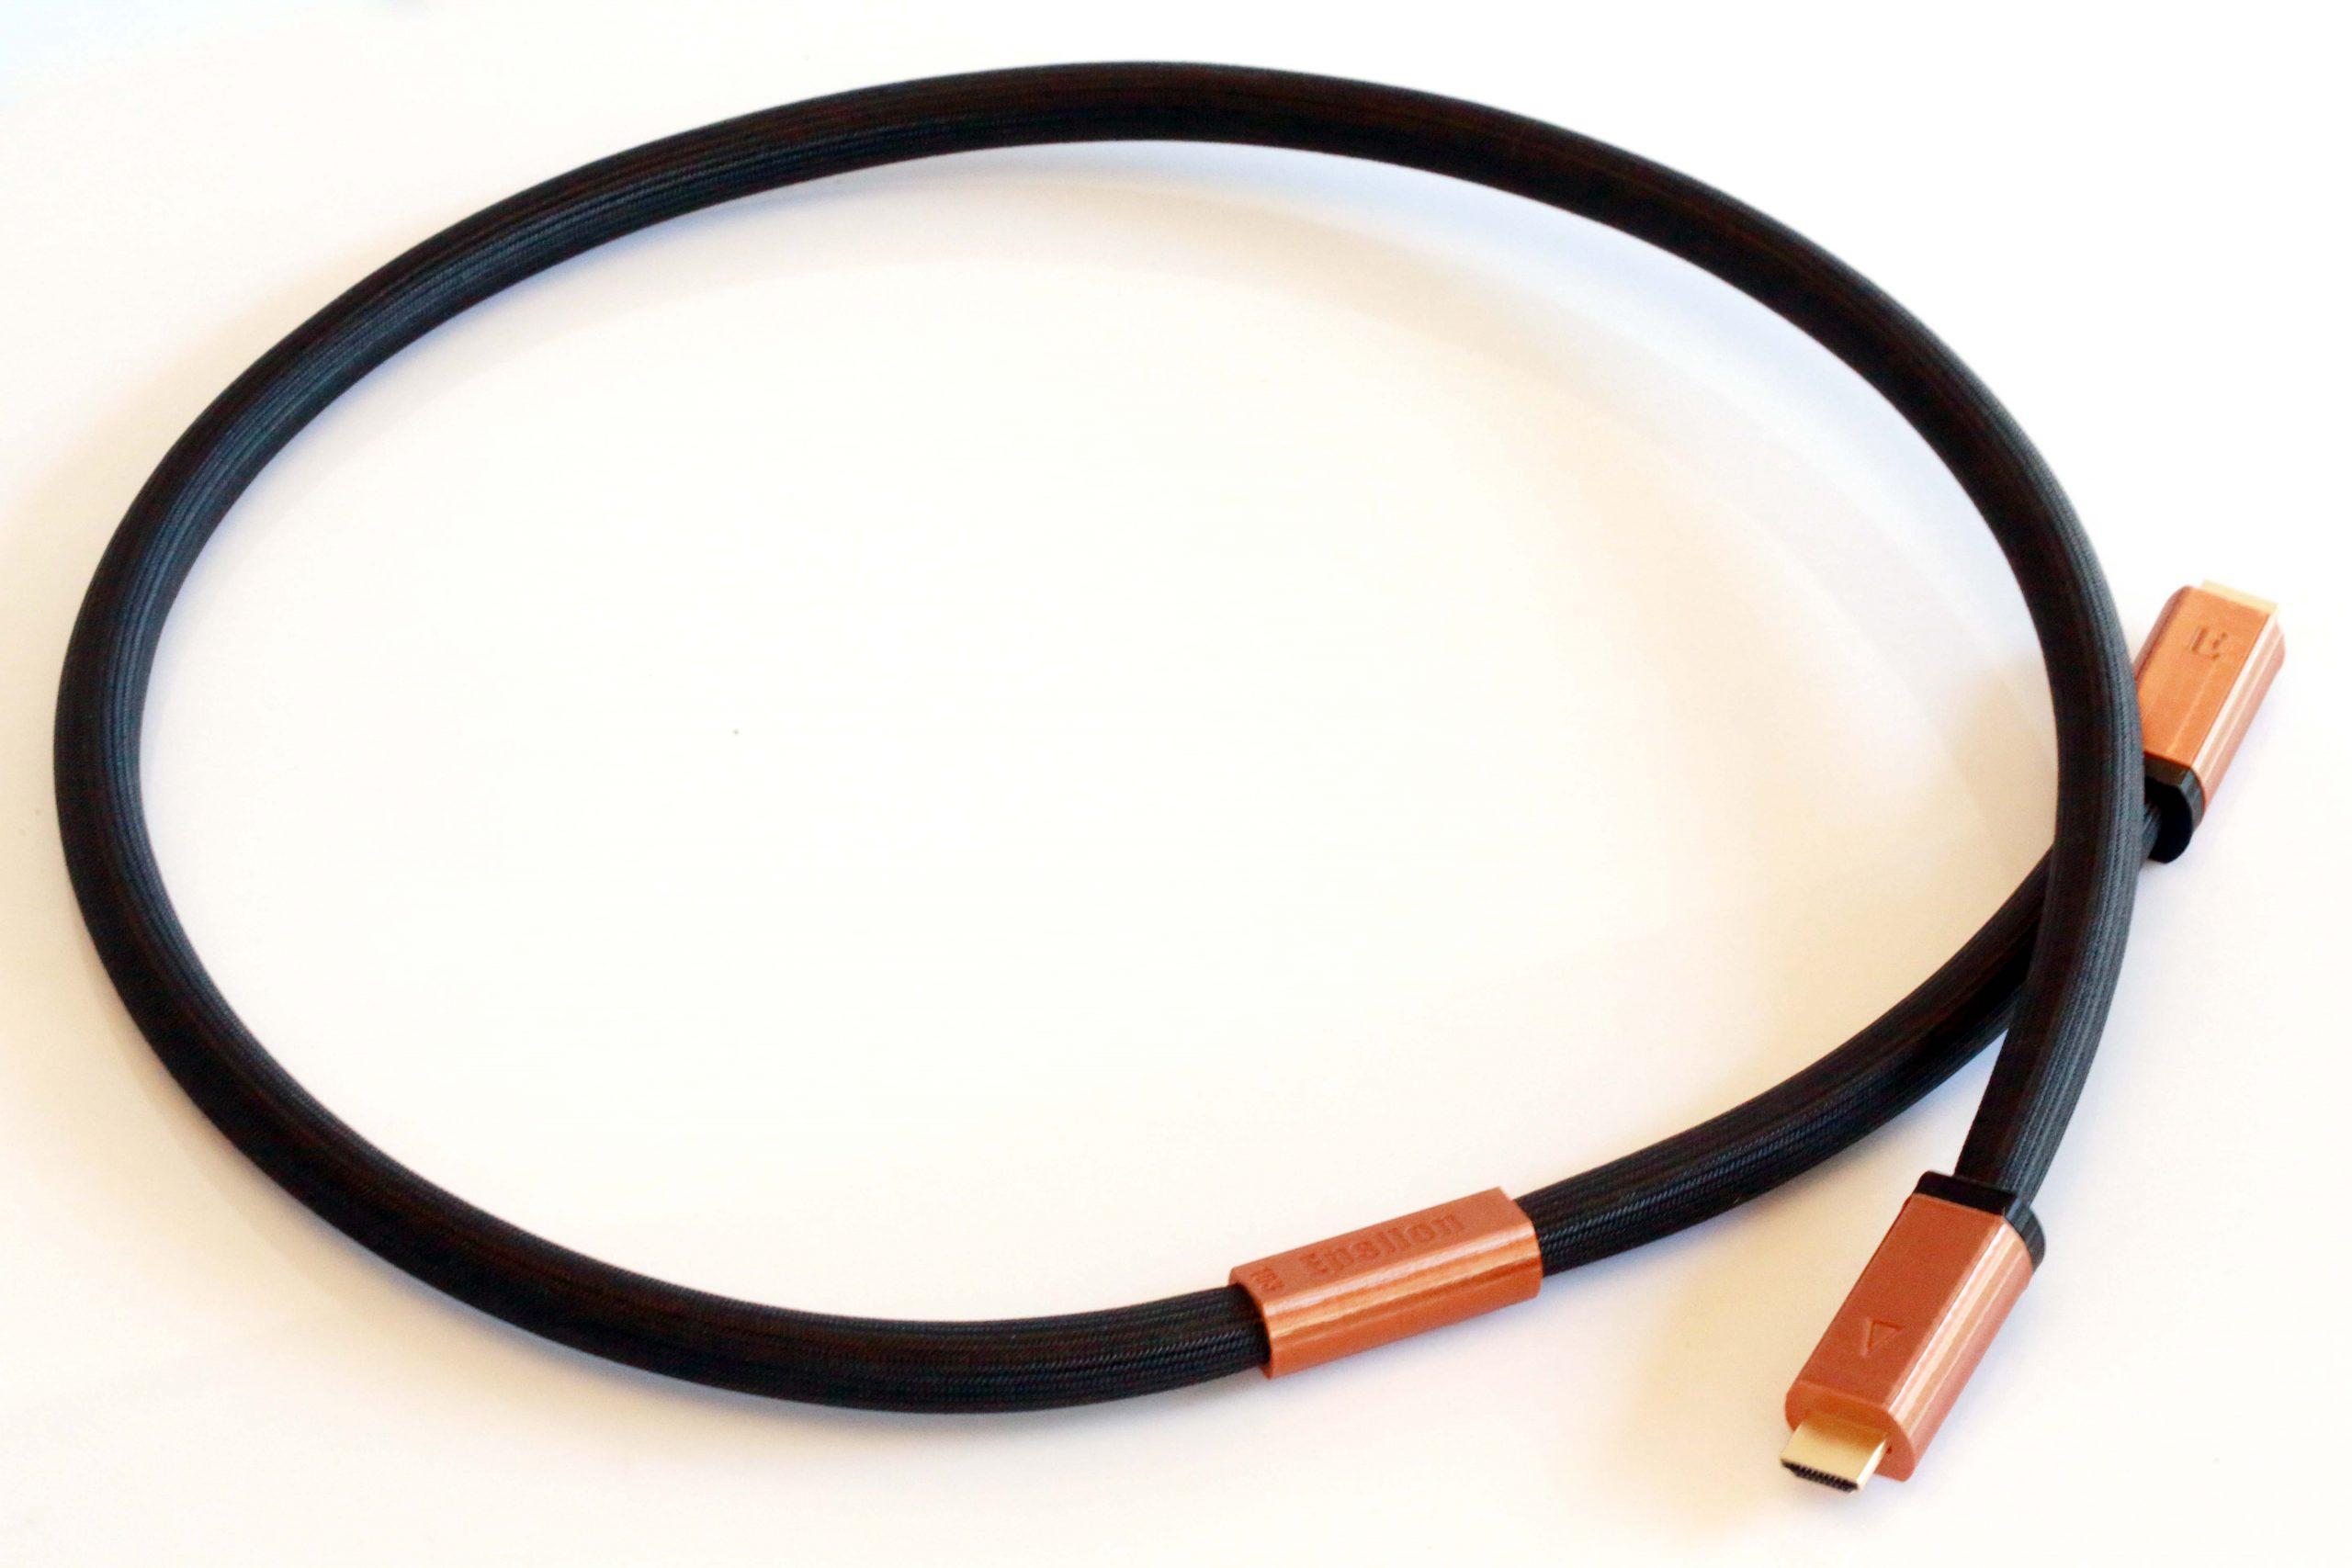 Epsilon numérique HDMI Digital Odeion Cables